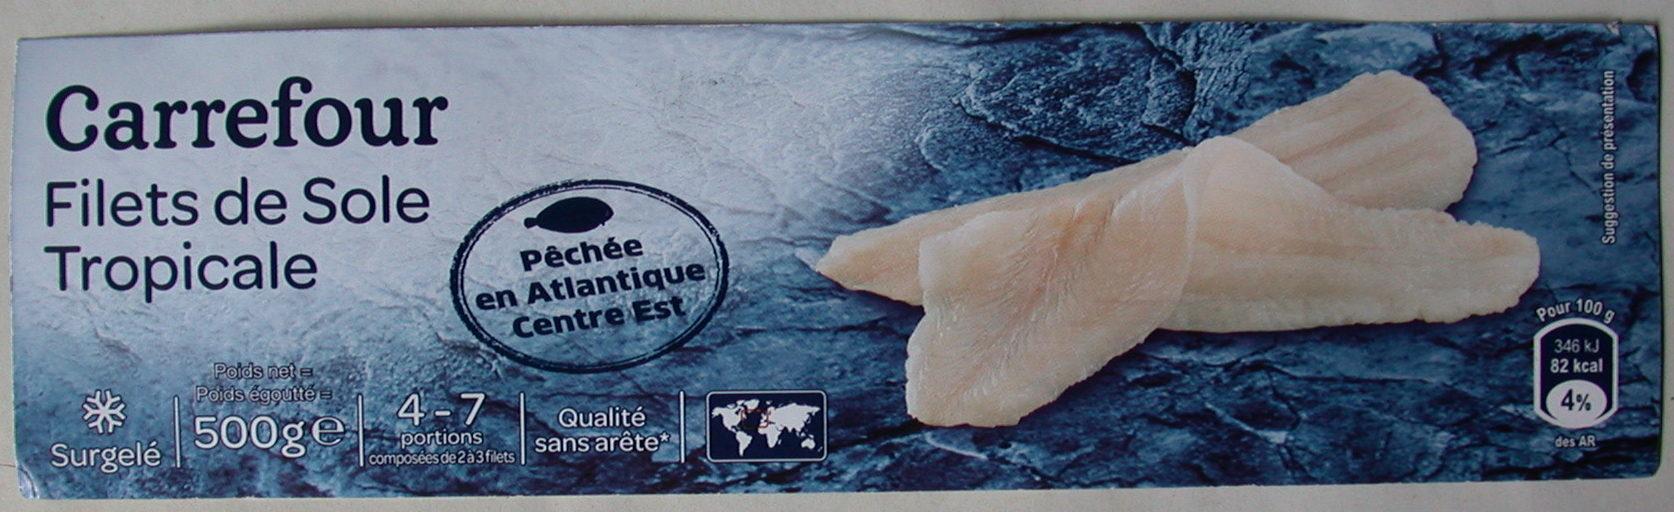 Filet de Sole - Carrefour - 10 g (net égoutté)